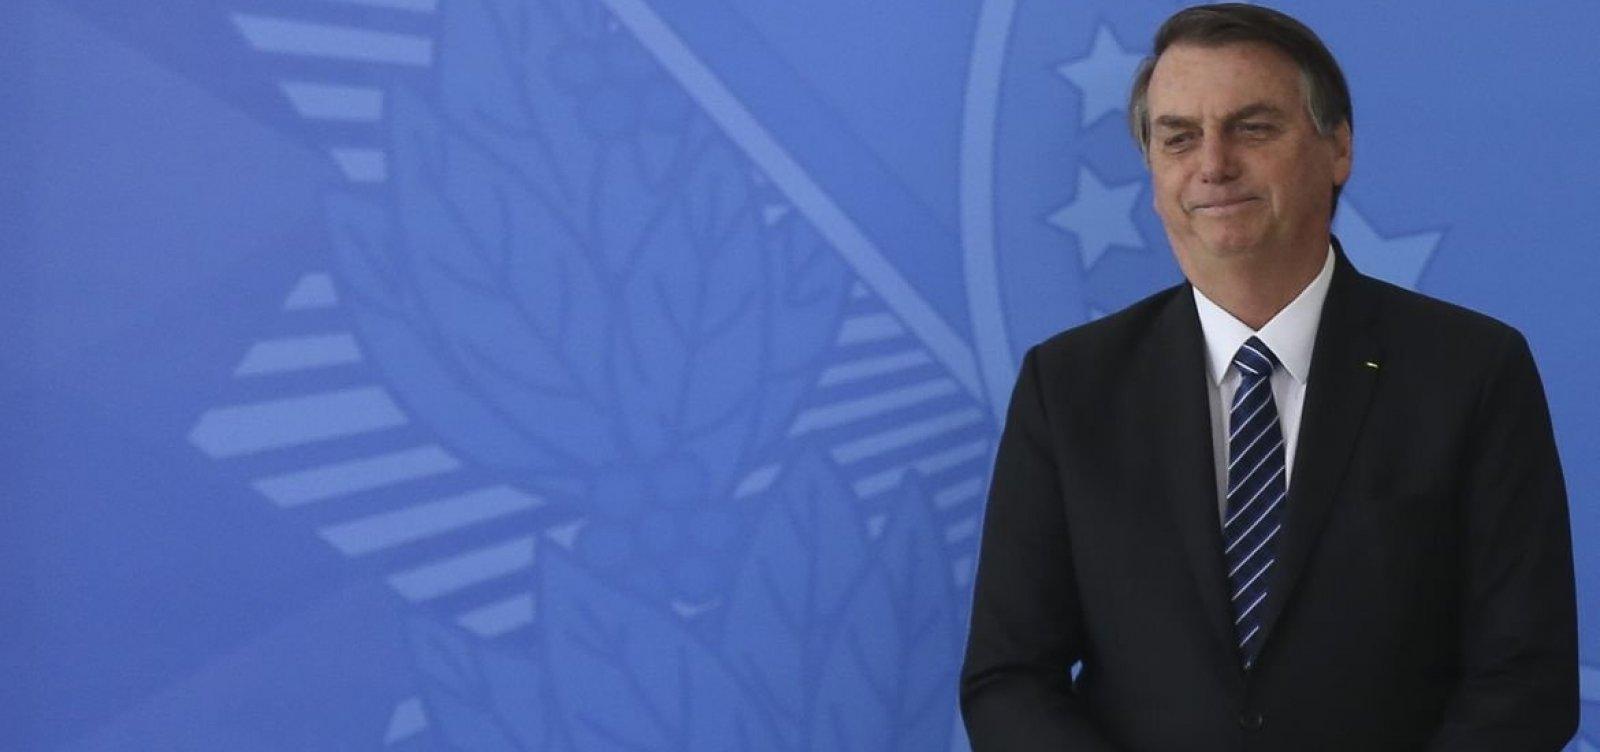 Discurso na ONU será em braile, ironiza Bolsonaro em hotel em Nova York